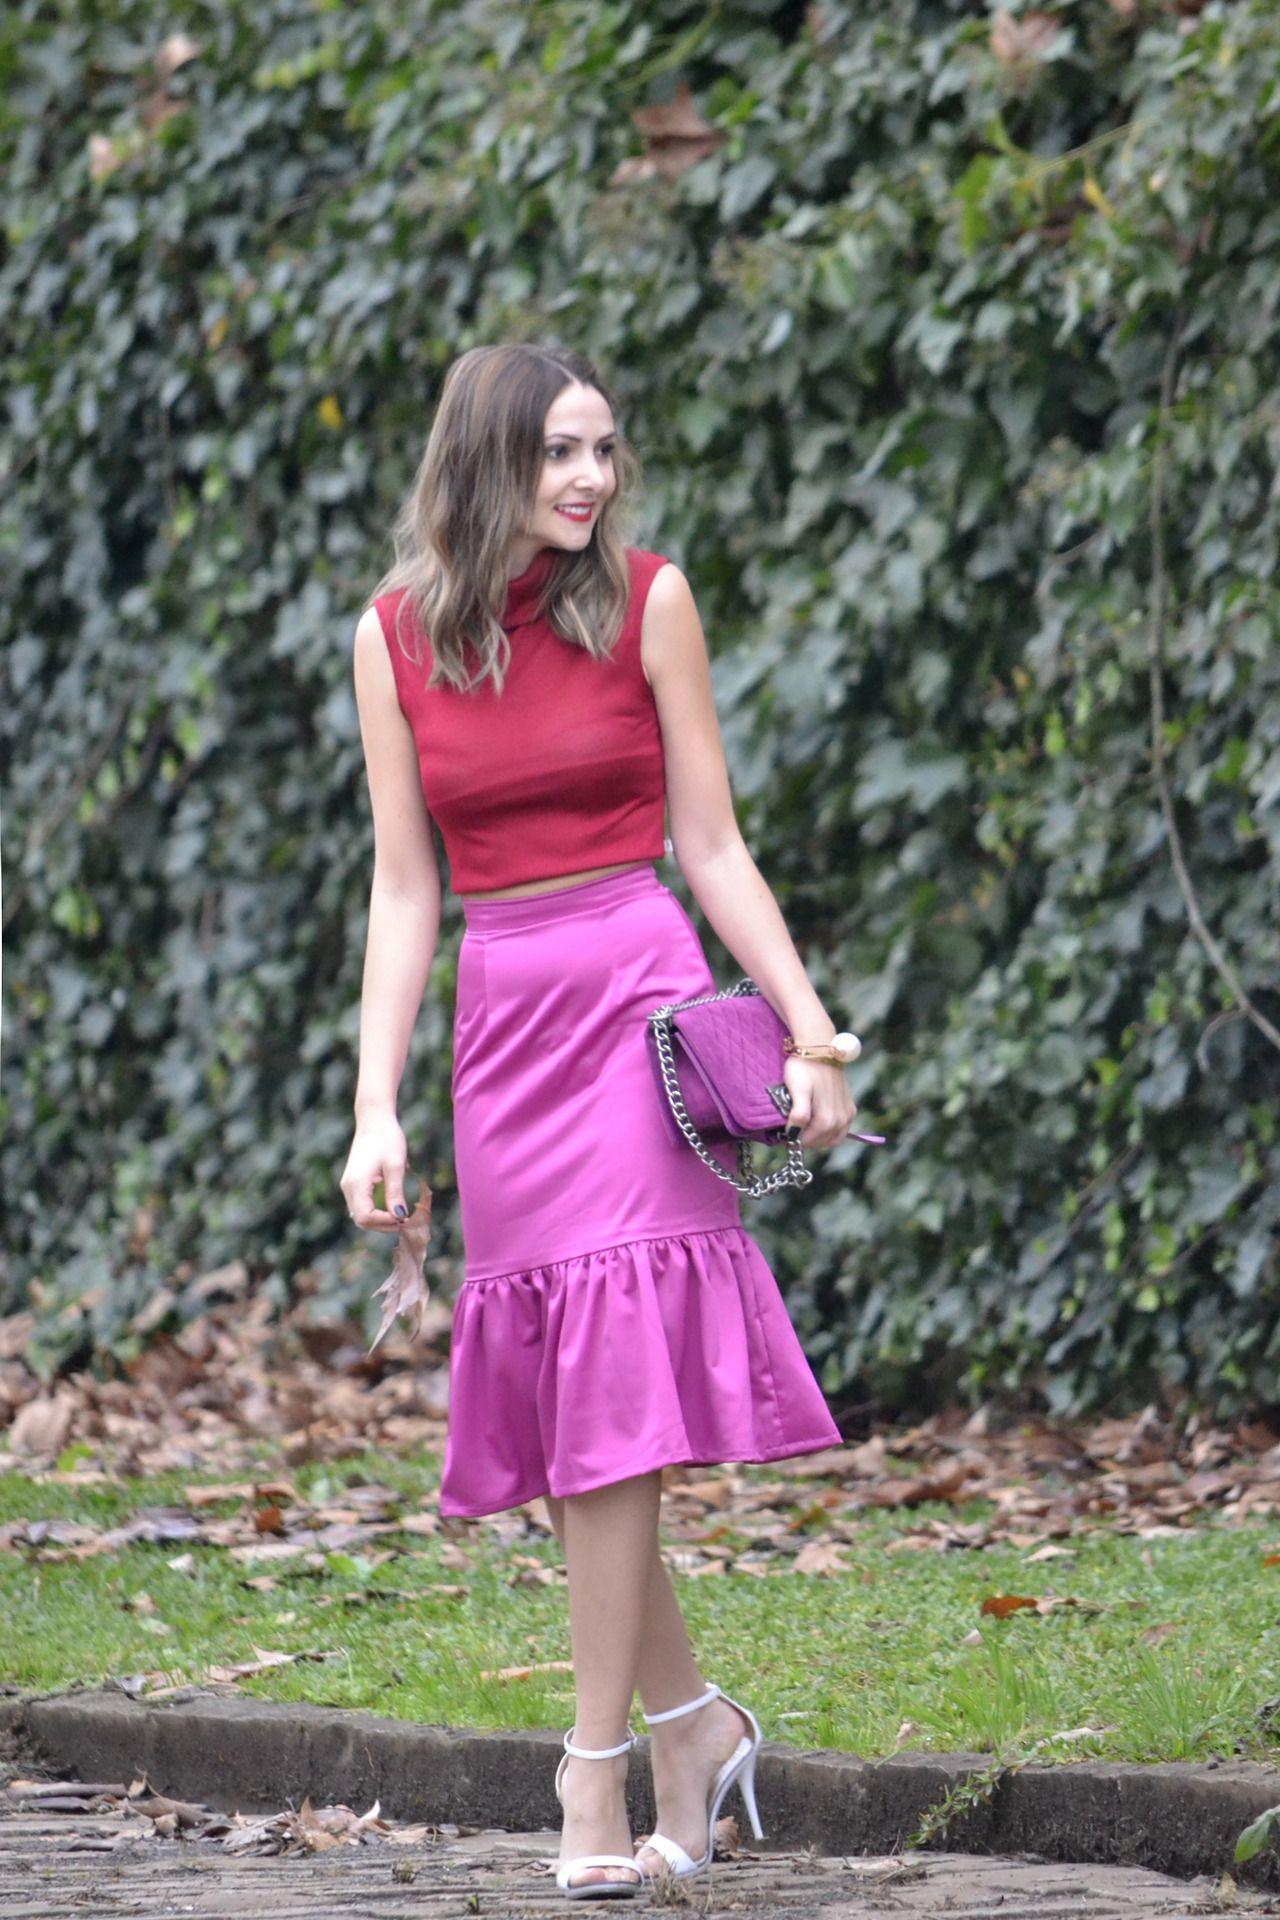 MUNDO A | Por Aline Gregio – Consultoria de moda e imagem